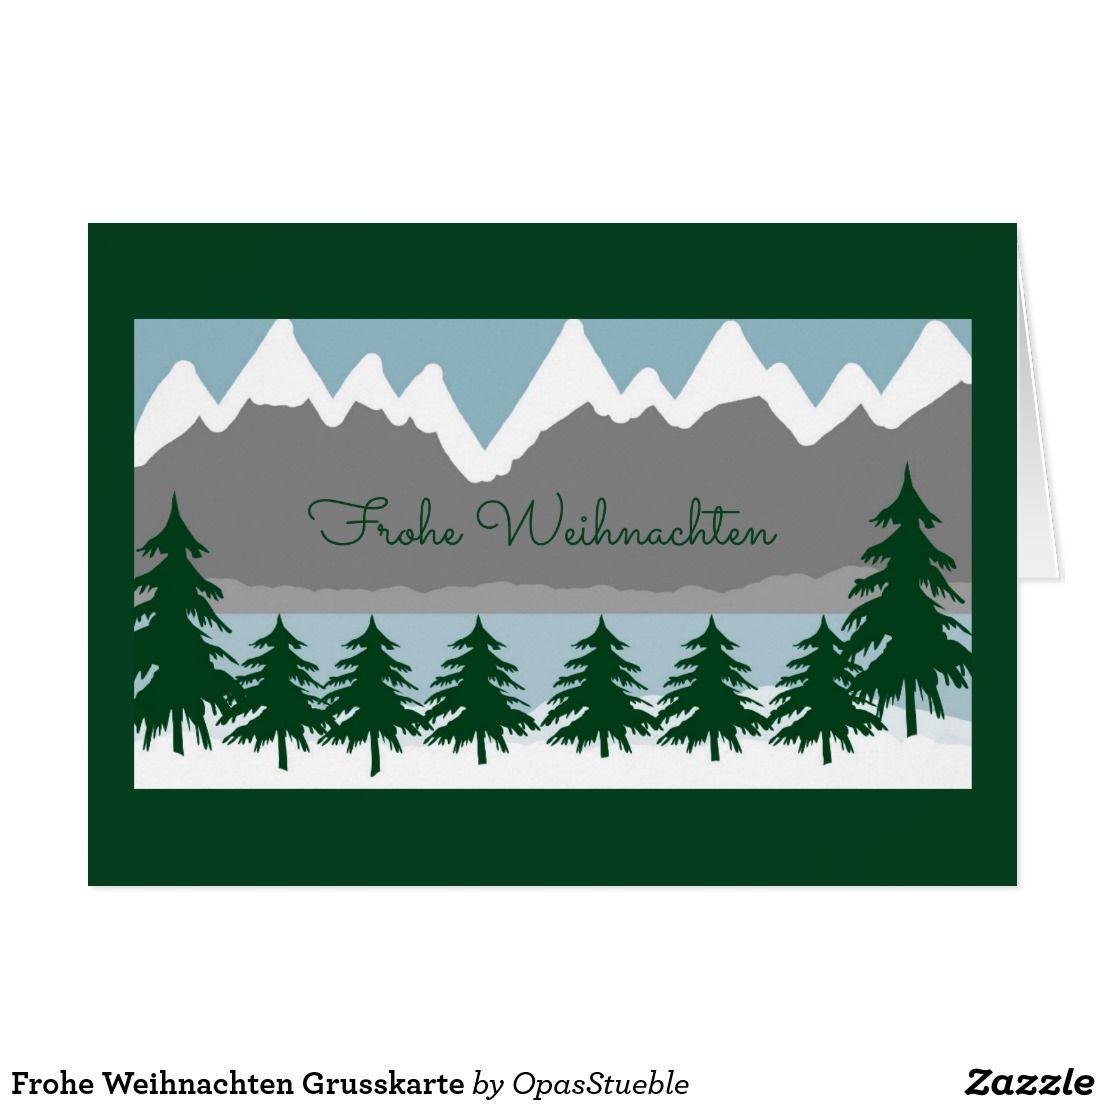 Frohe Weihnachten Grusskarte Card | Texts and Create